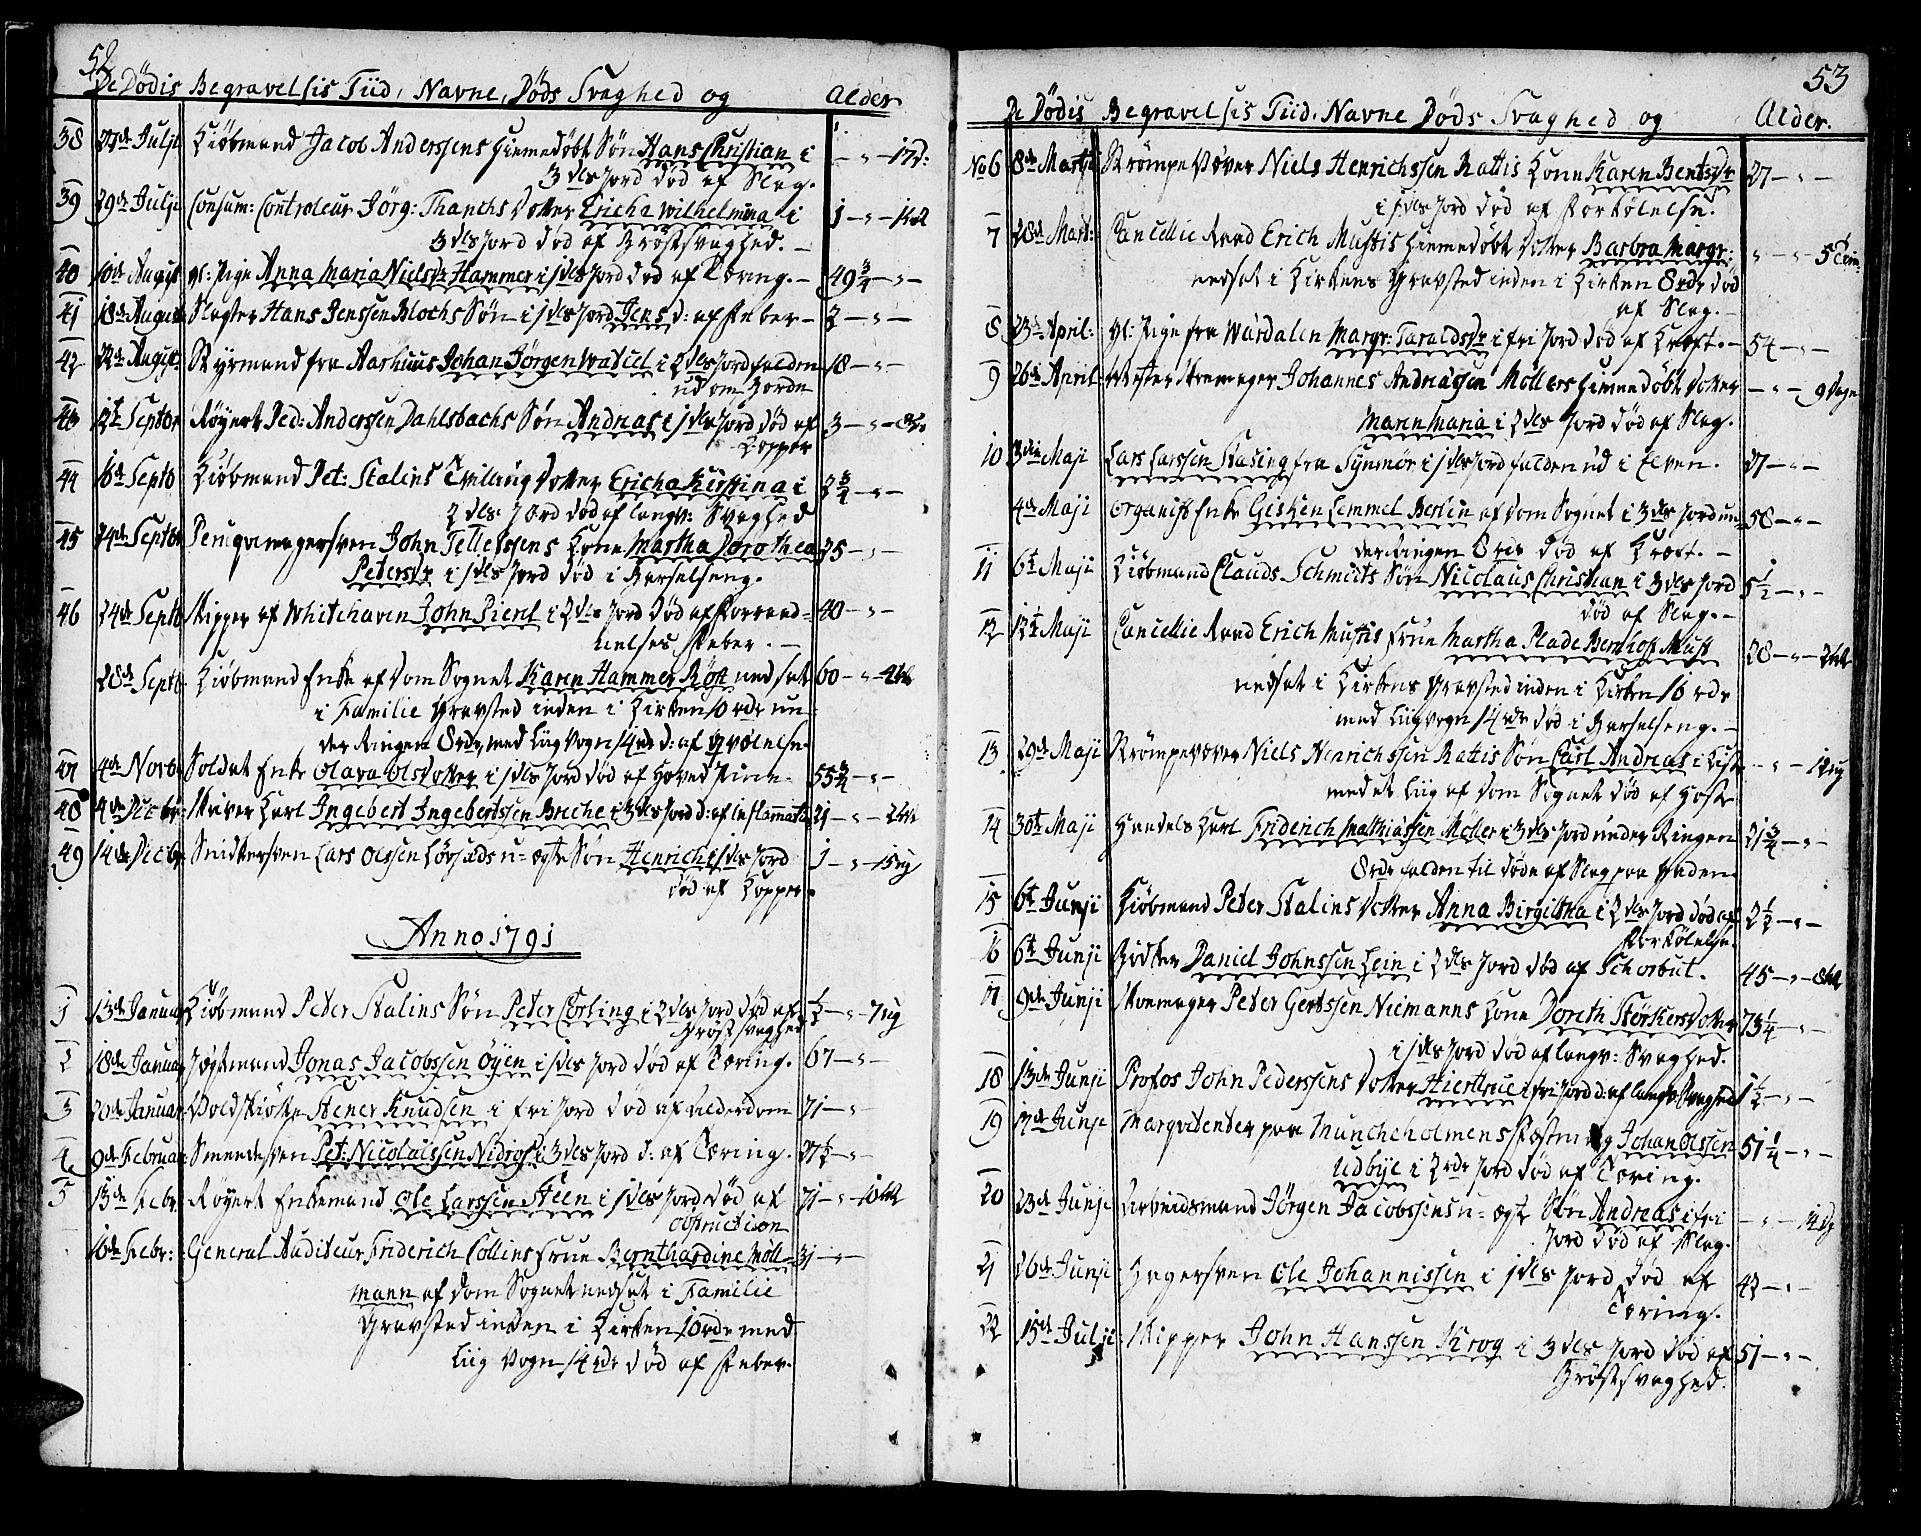 SAT, Ministerialprotokoller, klokkerbøker og fødselsregistre - Sør-Trøndelag, 602/L0106: Ministerialbok nr. 602A04, 1774-1814, s. 52-53